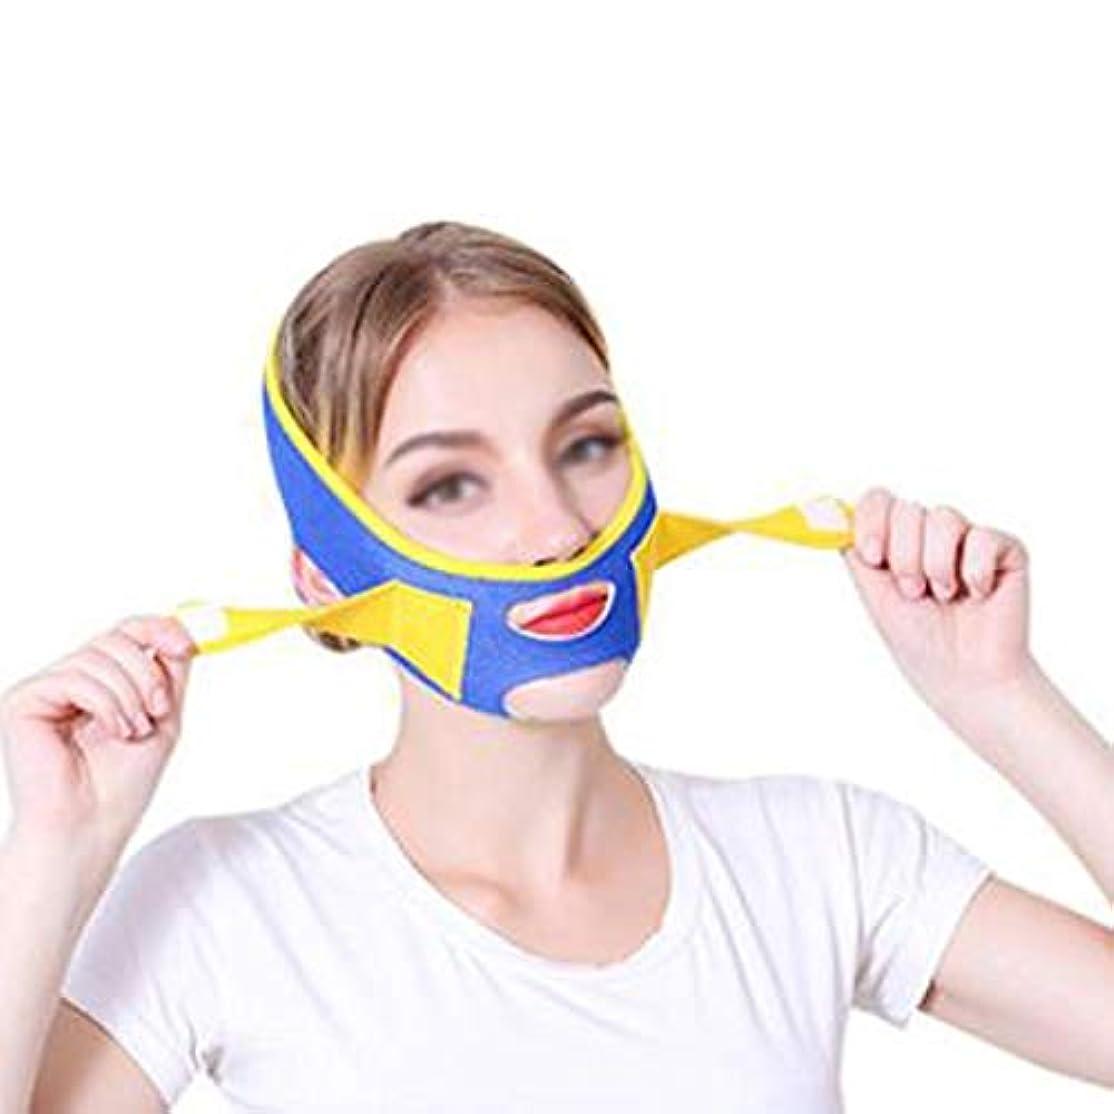 密度求人こだわりZWBD フェイスマスク, リフティングフェイスマスク抗たるみVフェイスリフティング包帯を布布する薄い二重あご通気性睡眠マスクギフト